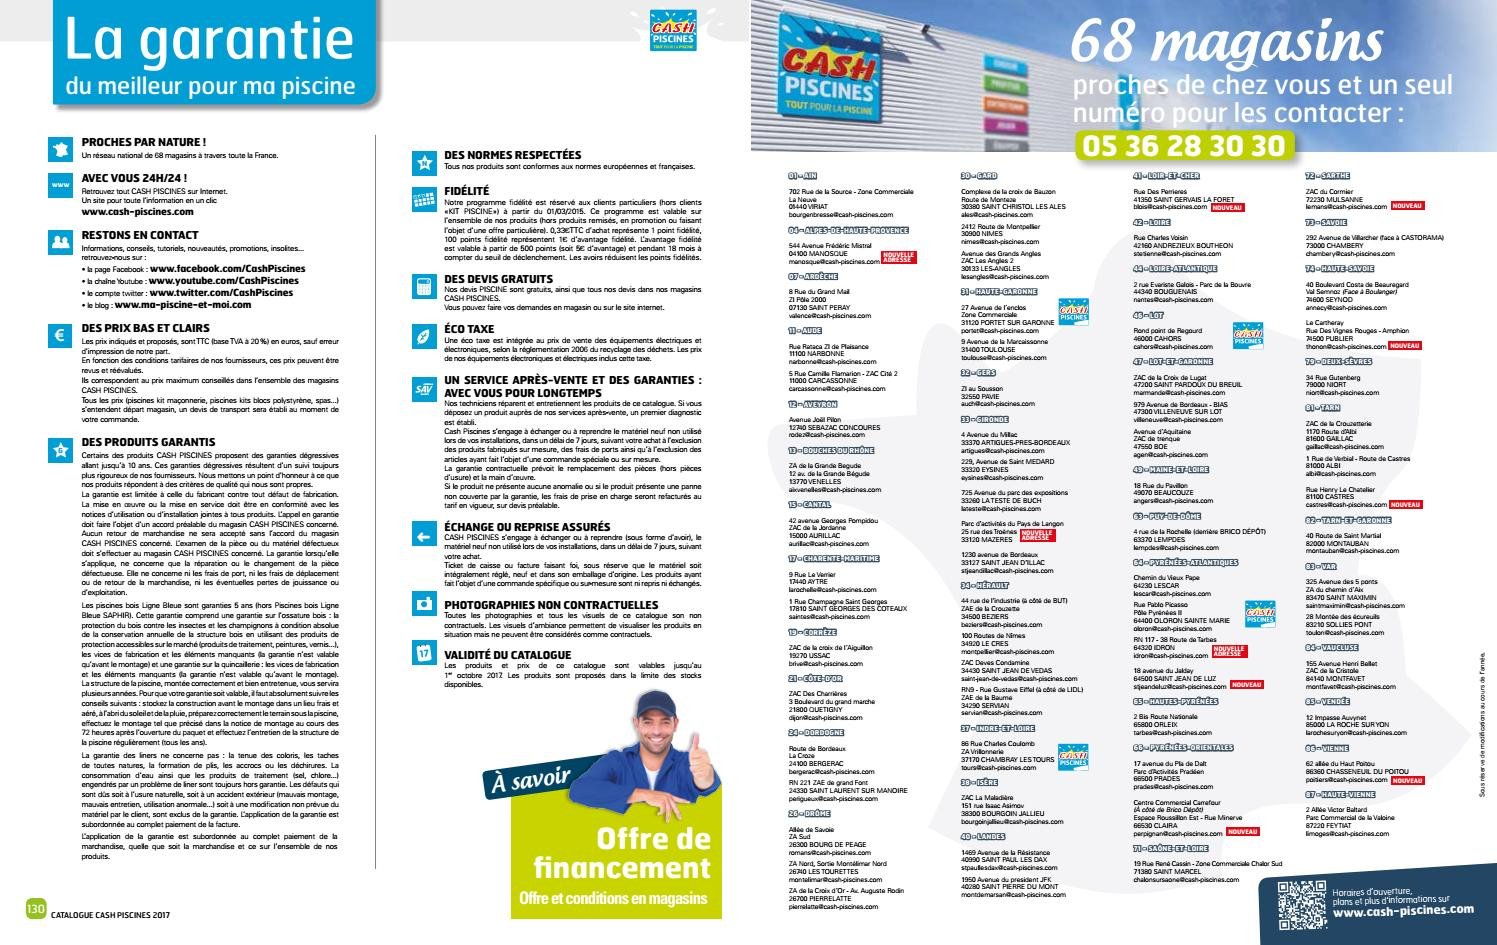 Catalogue Cash Piscine 2017 By Octave Octave - Issuu pour Cash Piscine Manosque